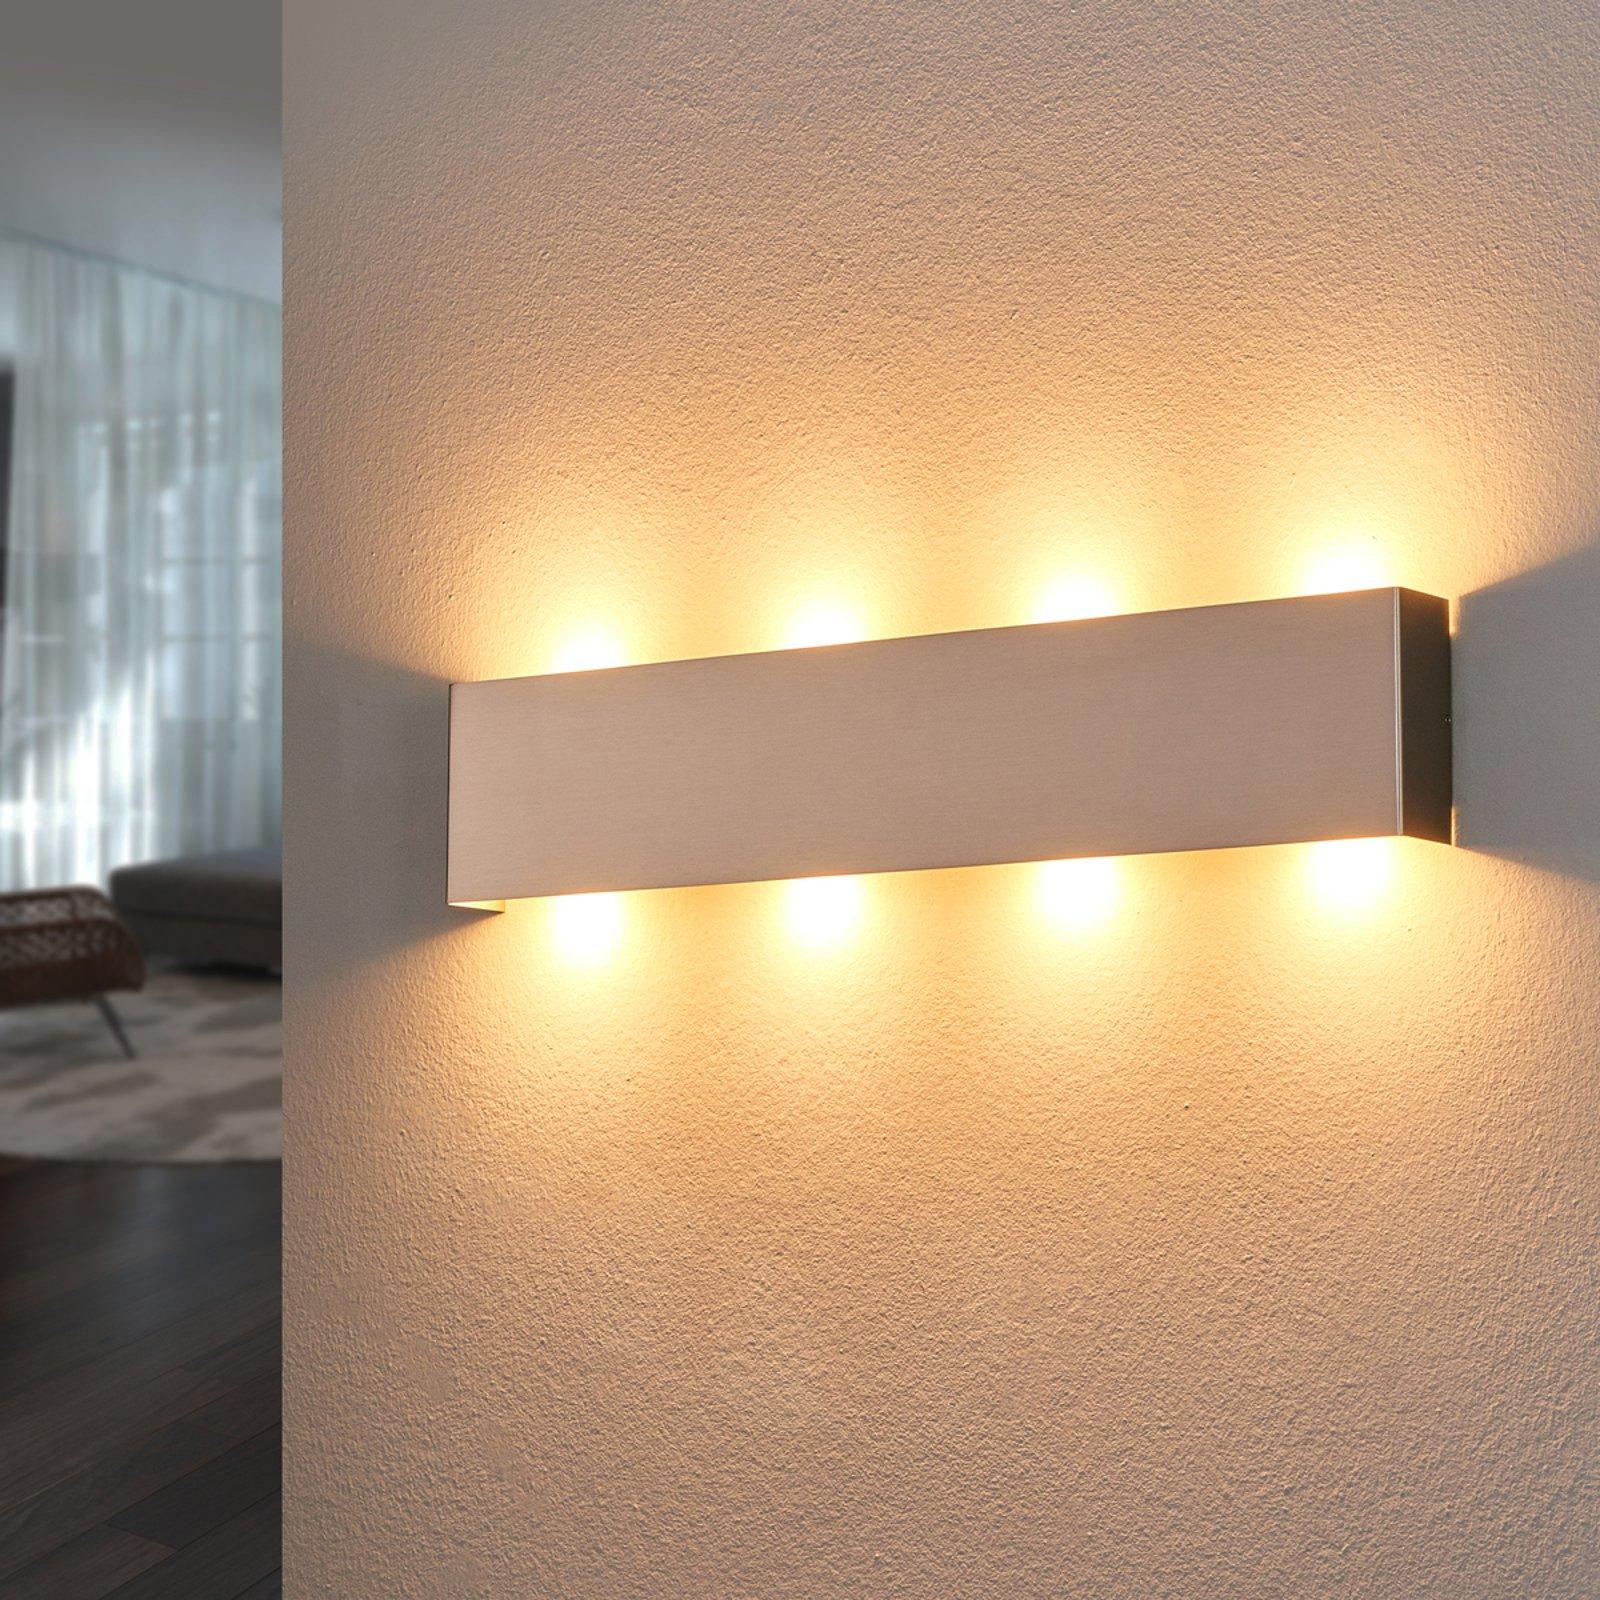 Nikkelfarget LED-vegglampe Maja, 54 cm